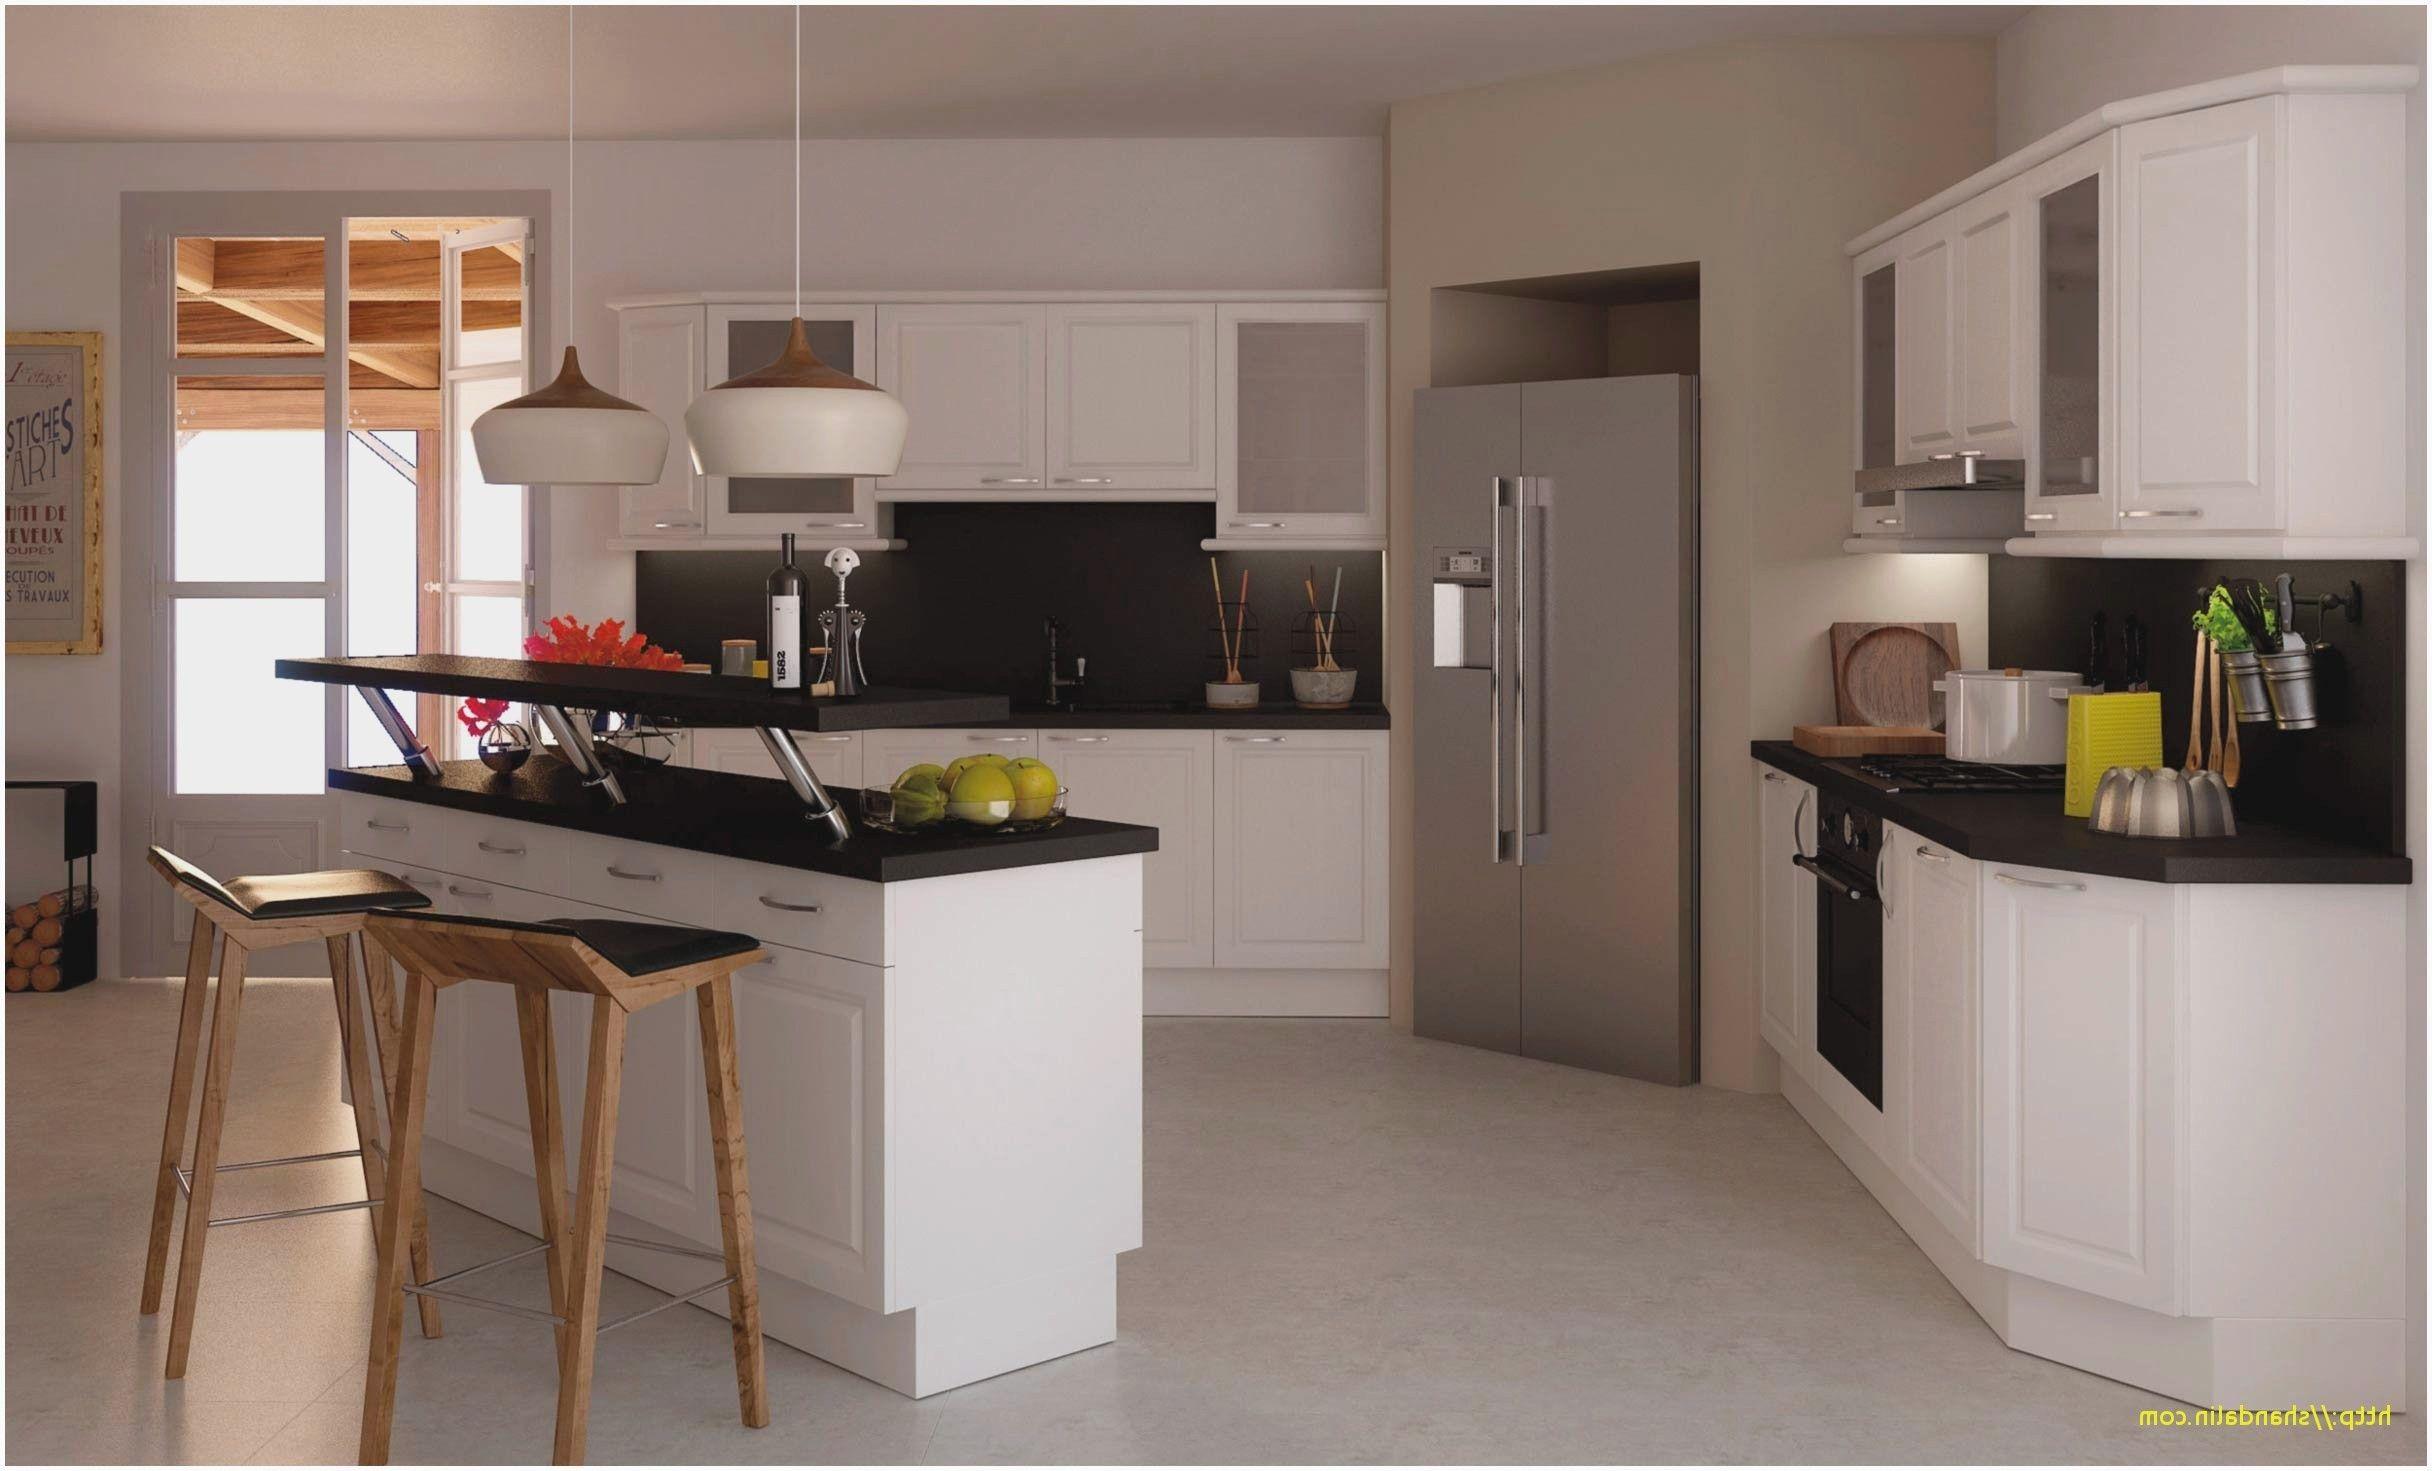 Luxury Modele Cuisine Avec Ilot   Open kitchen, Kitchen, Home decor